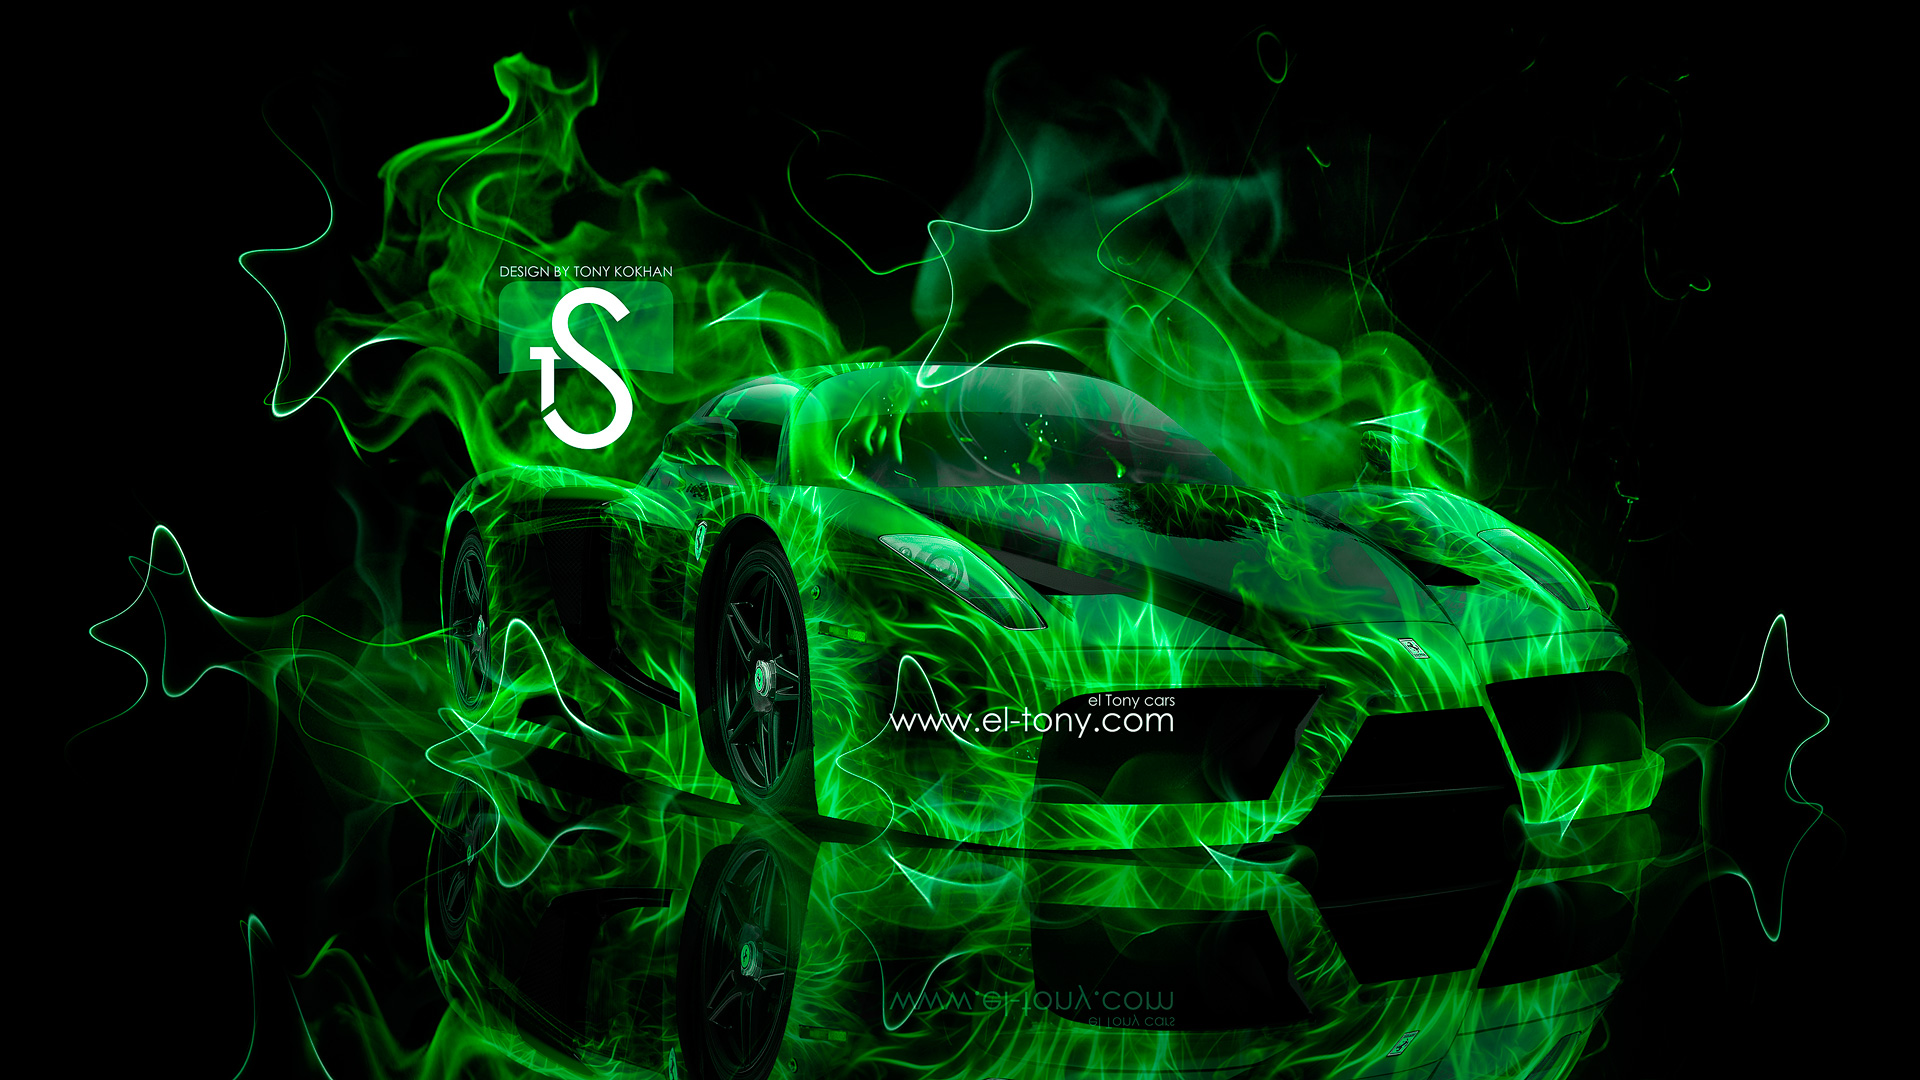 Green Fire Wallpaper Ferrari enzo fire abstract car 1920x1080